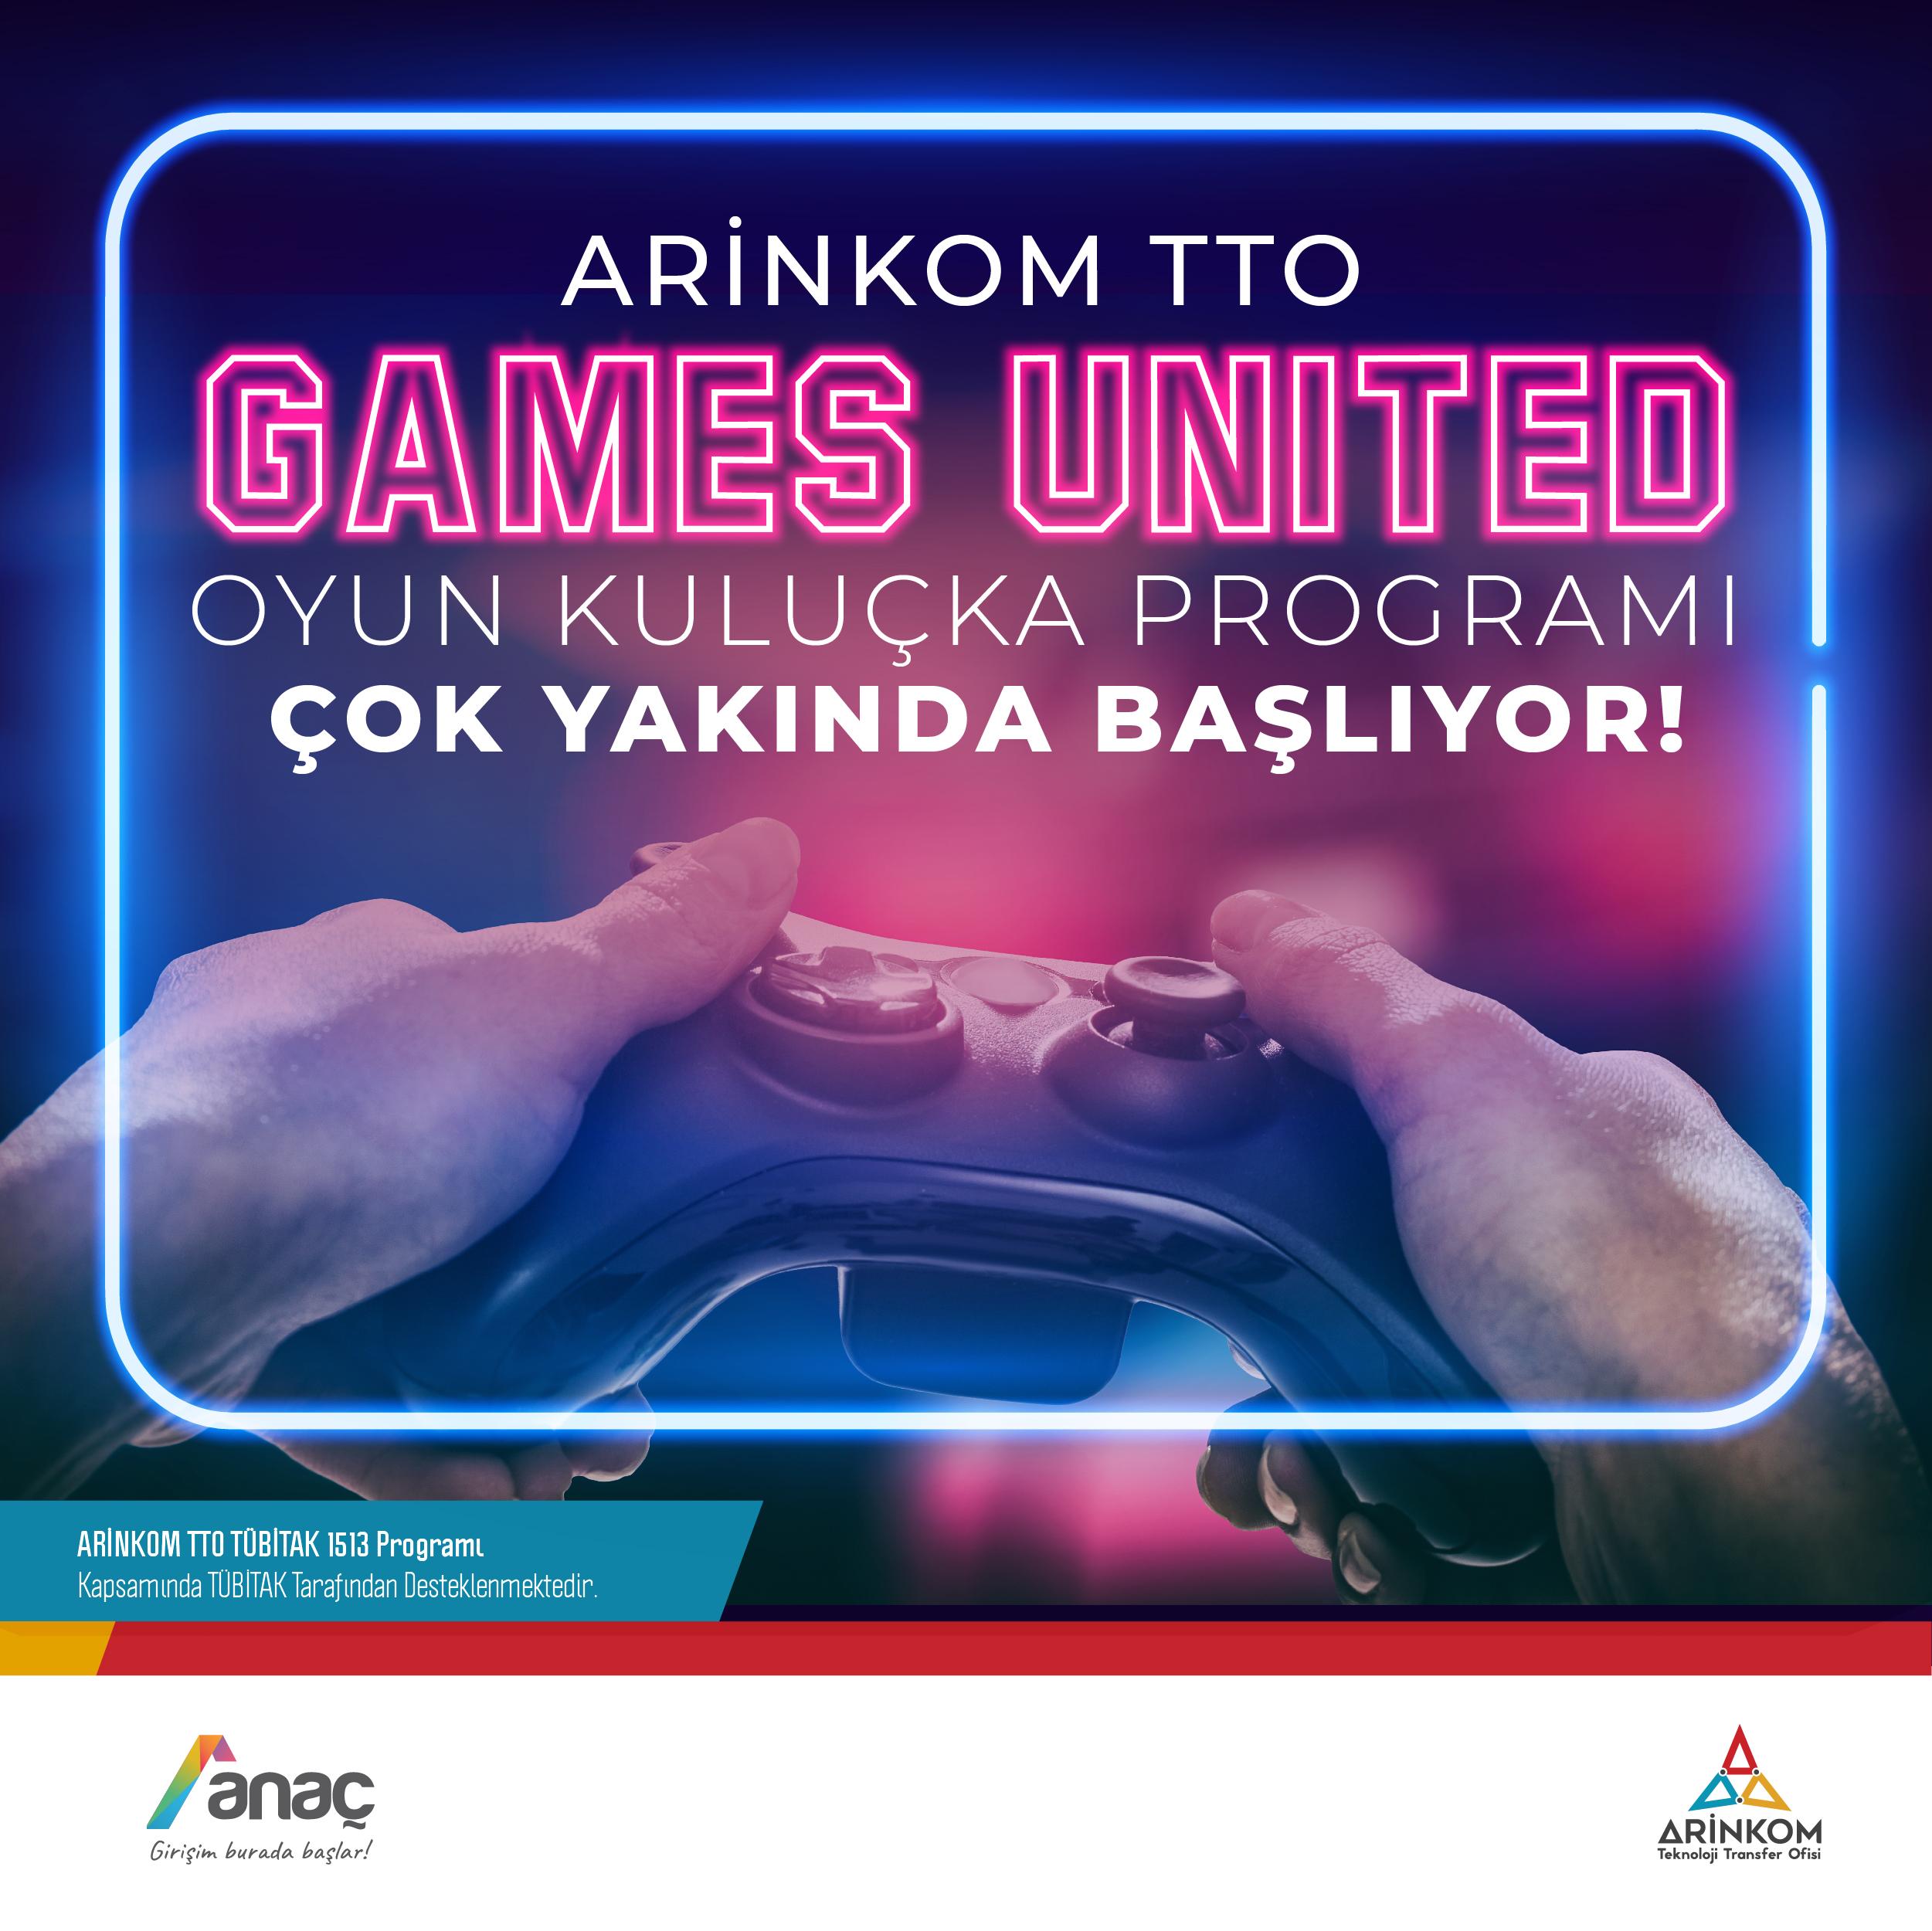 ARİNKOM - Games United Oyun Kuluçka Programı Çok Yakında Başlıyor!